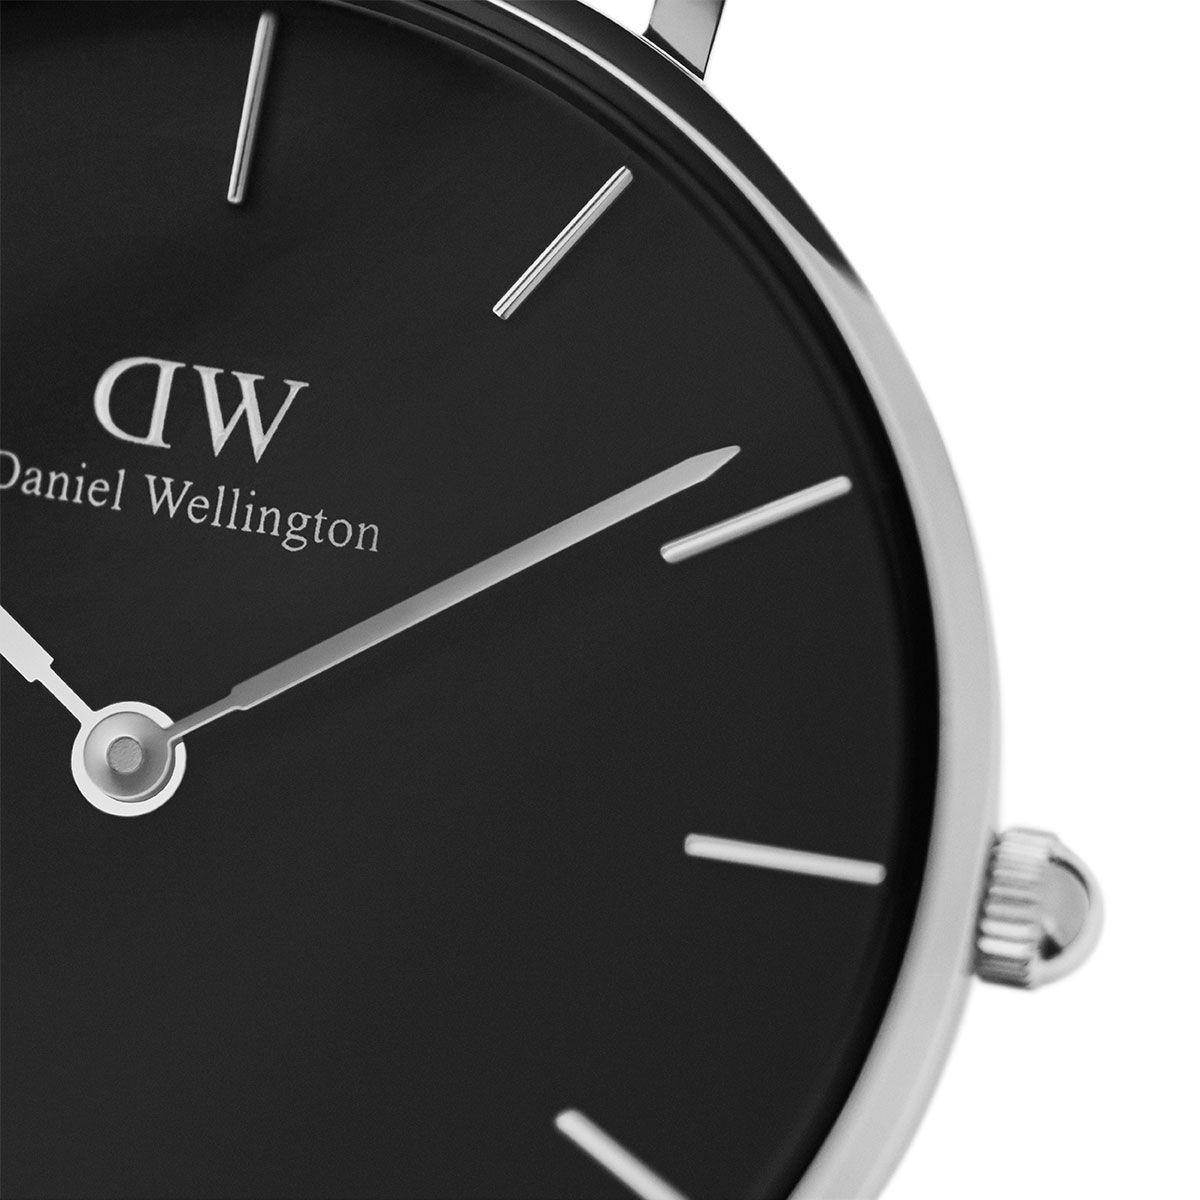 dw官网 dw手表官网 dw中国官网 dw官方旗舰店 DW DW官网  W Petite Black Sterling Silver 32mm